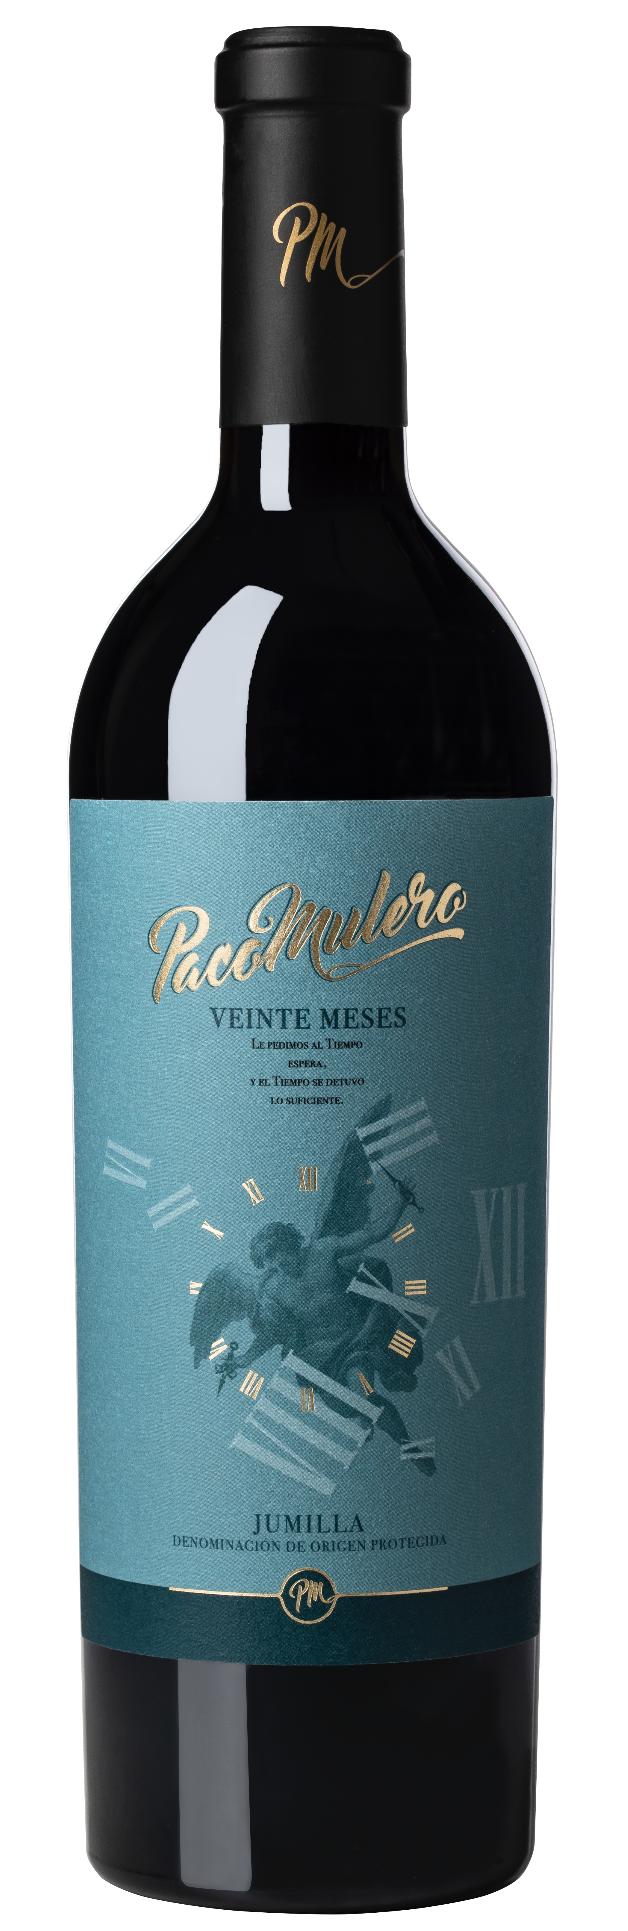 Veinte Meses | Paco Mulero - Winexfood